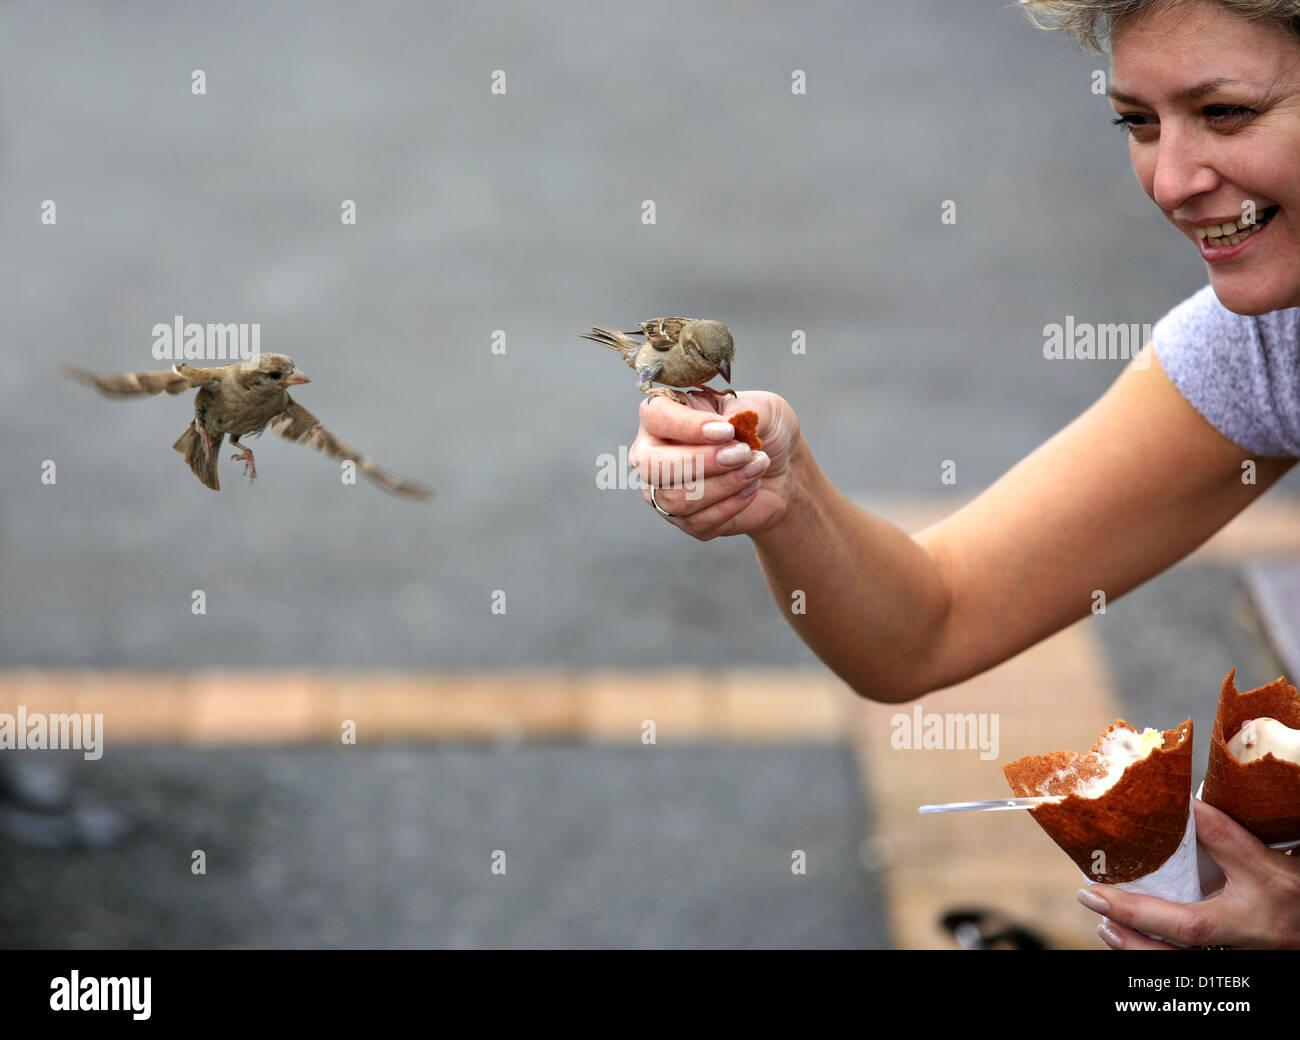 La mujer alimenta a los gorriones en la calle Imagen De Stock